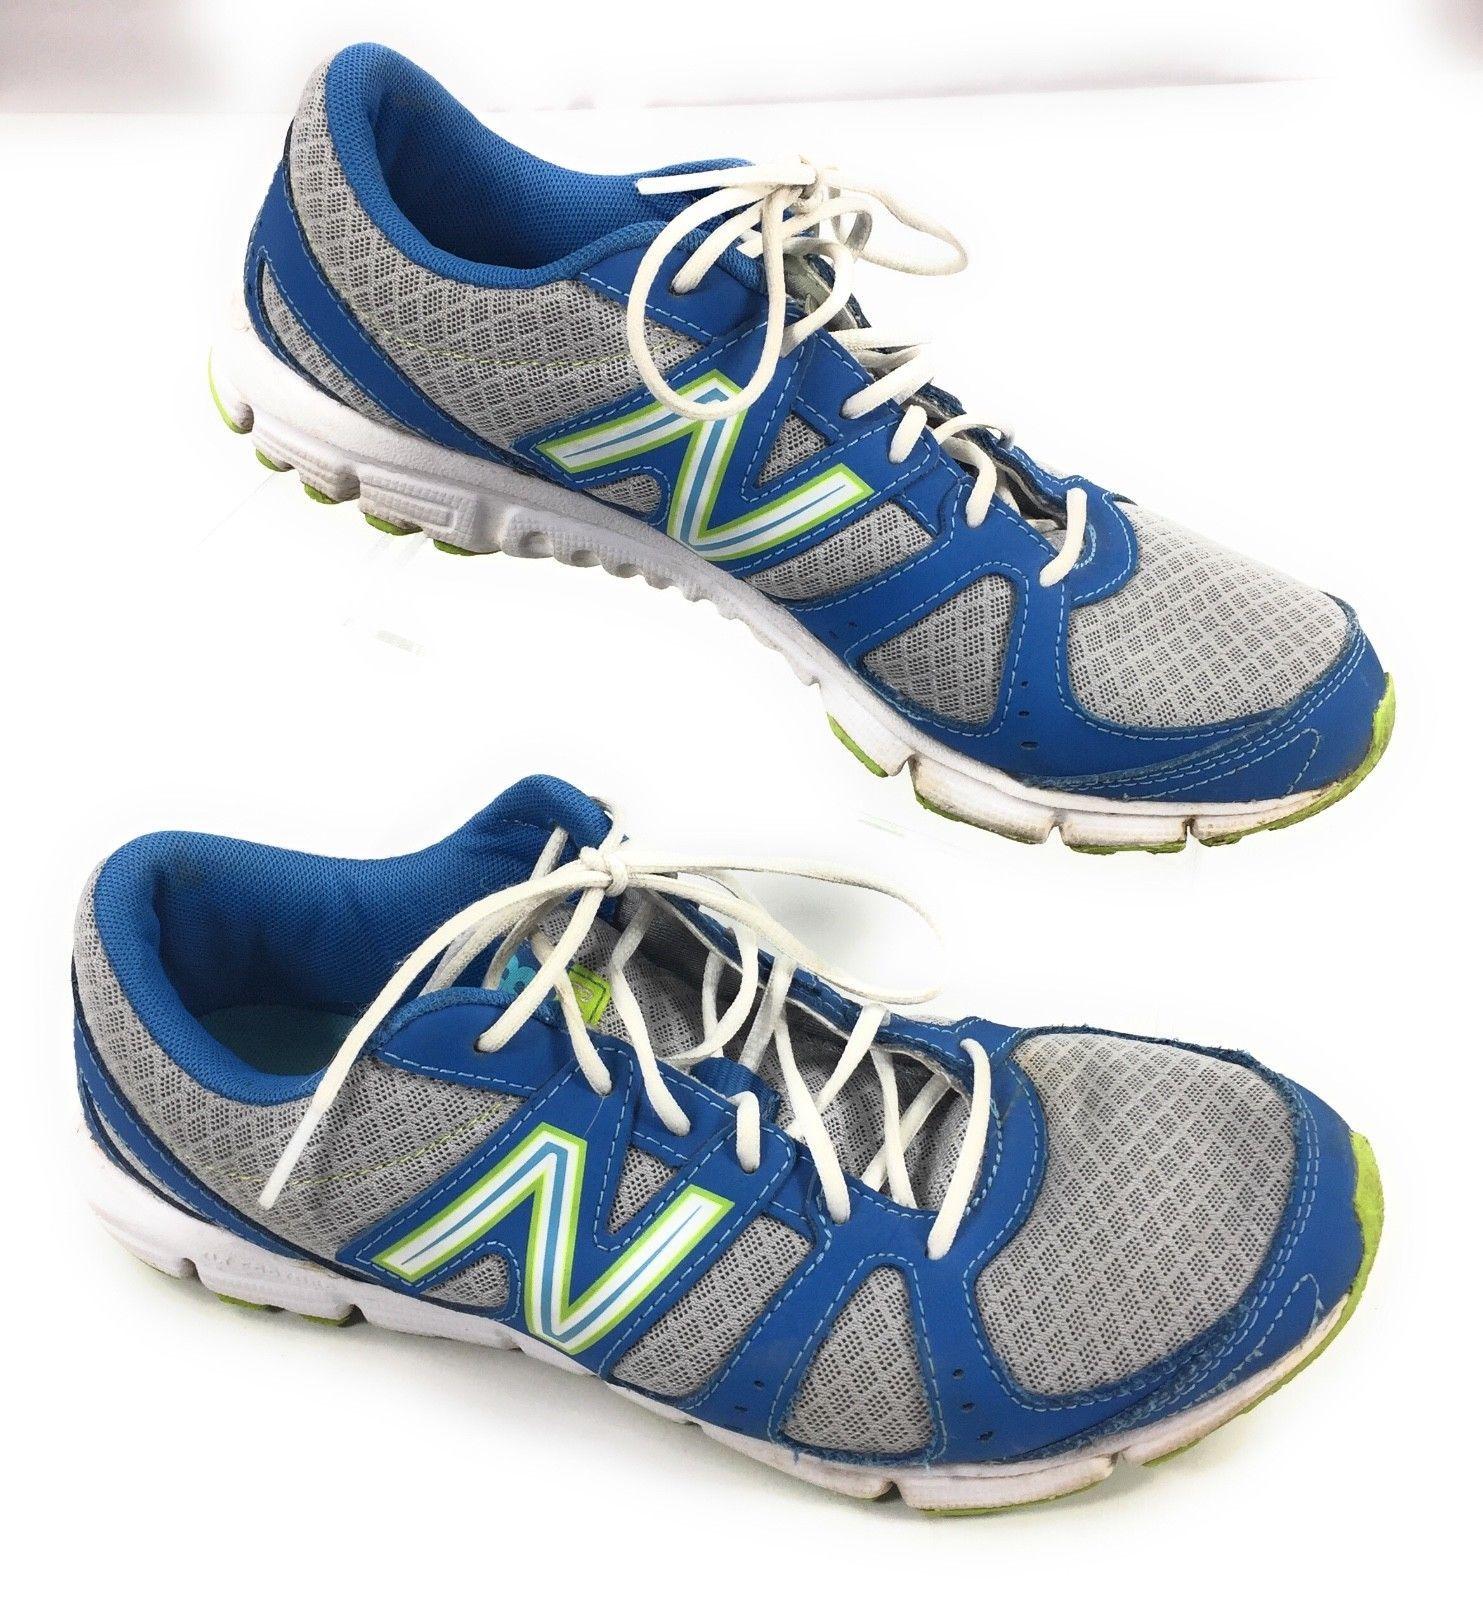 New Balance 550 v3 WE550BG3 Blue Lime Green Running Shoes Women's 9.5 B